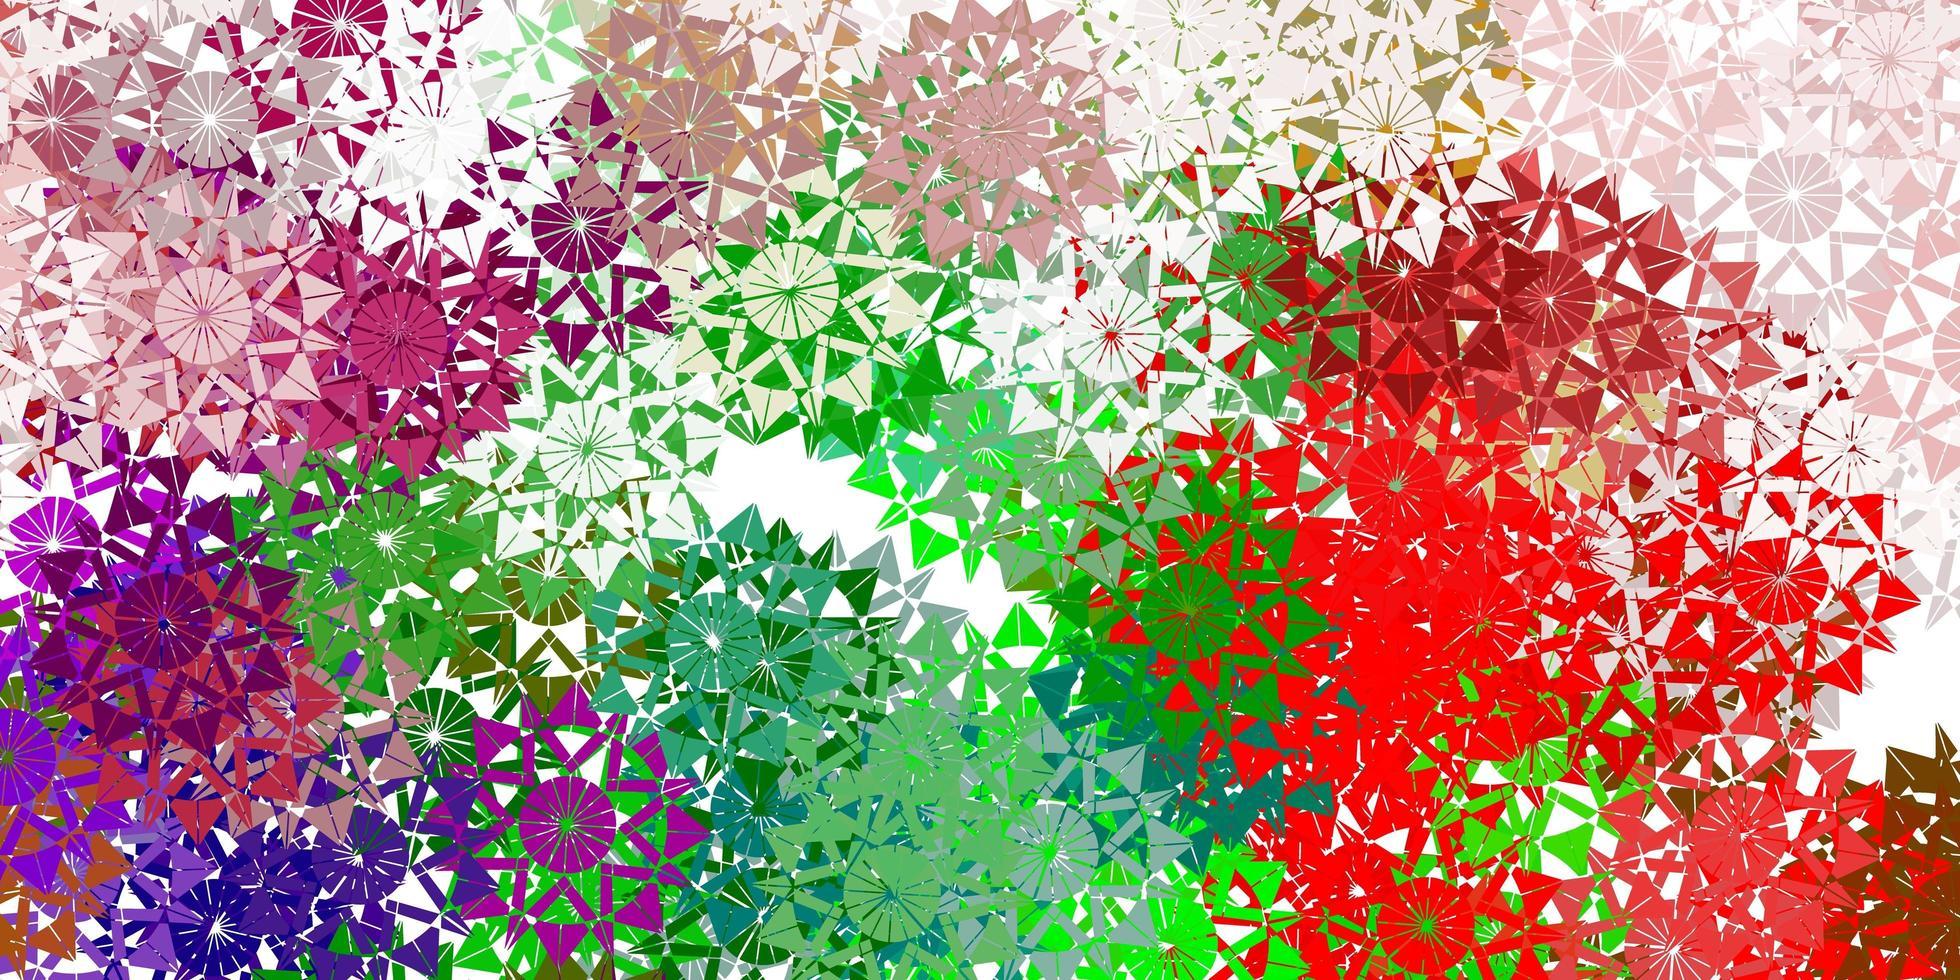 fond de vecteur multicolore clair avec des flocons de neige de Noël.